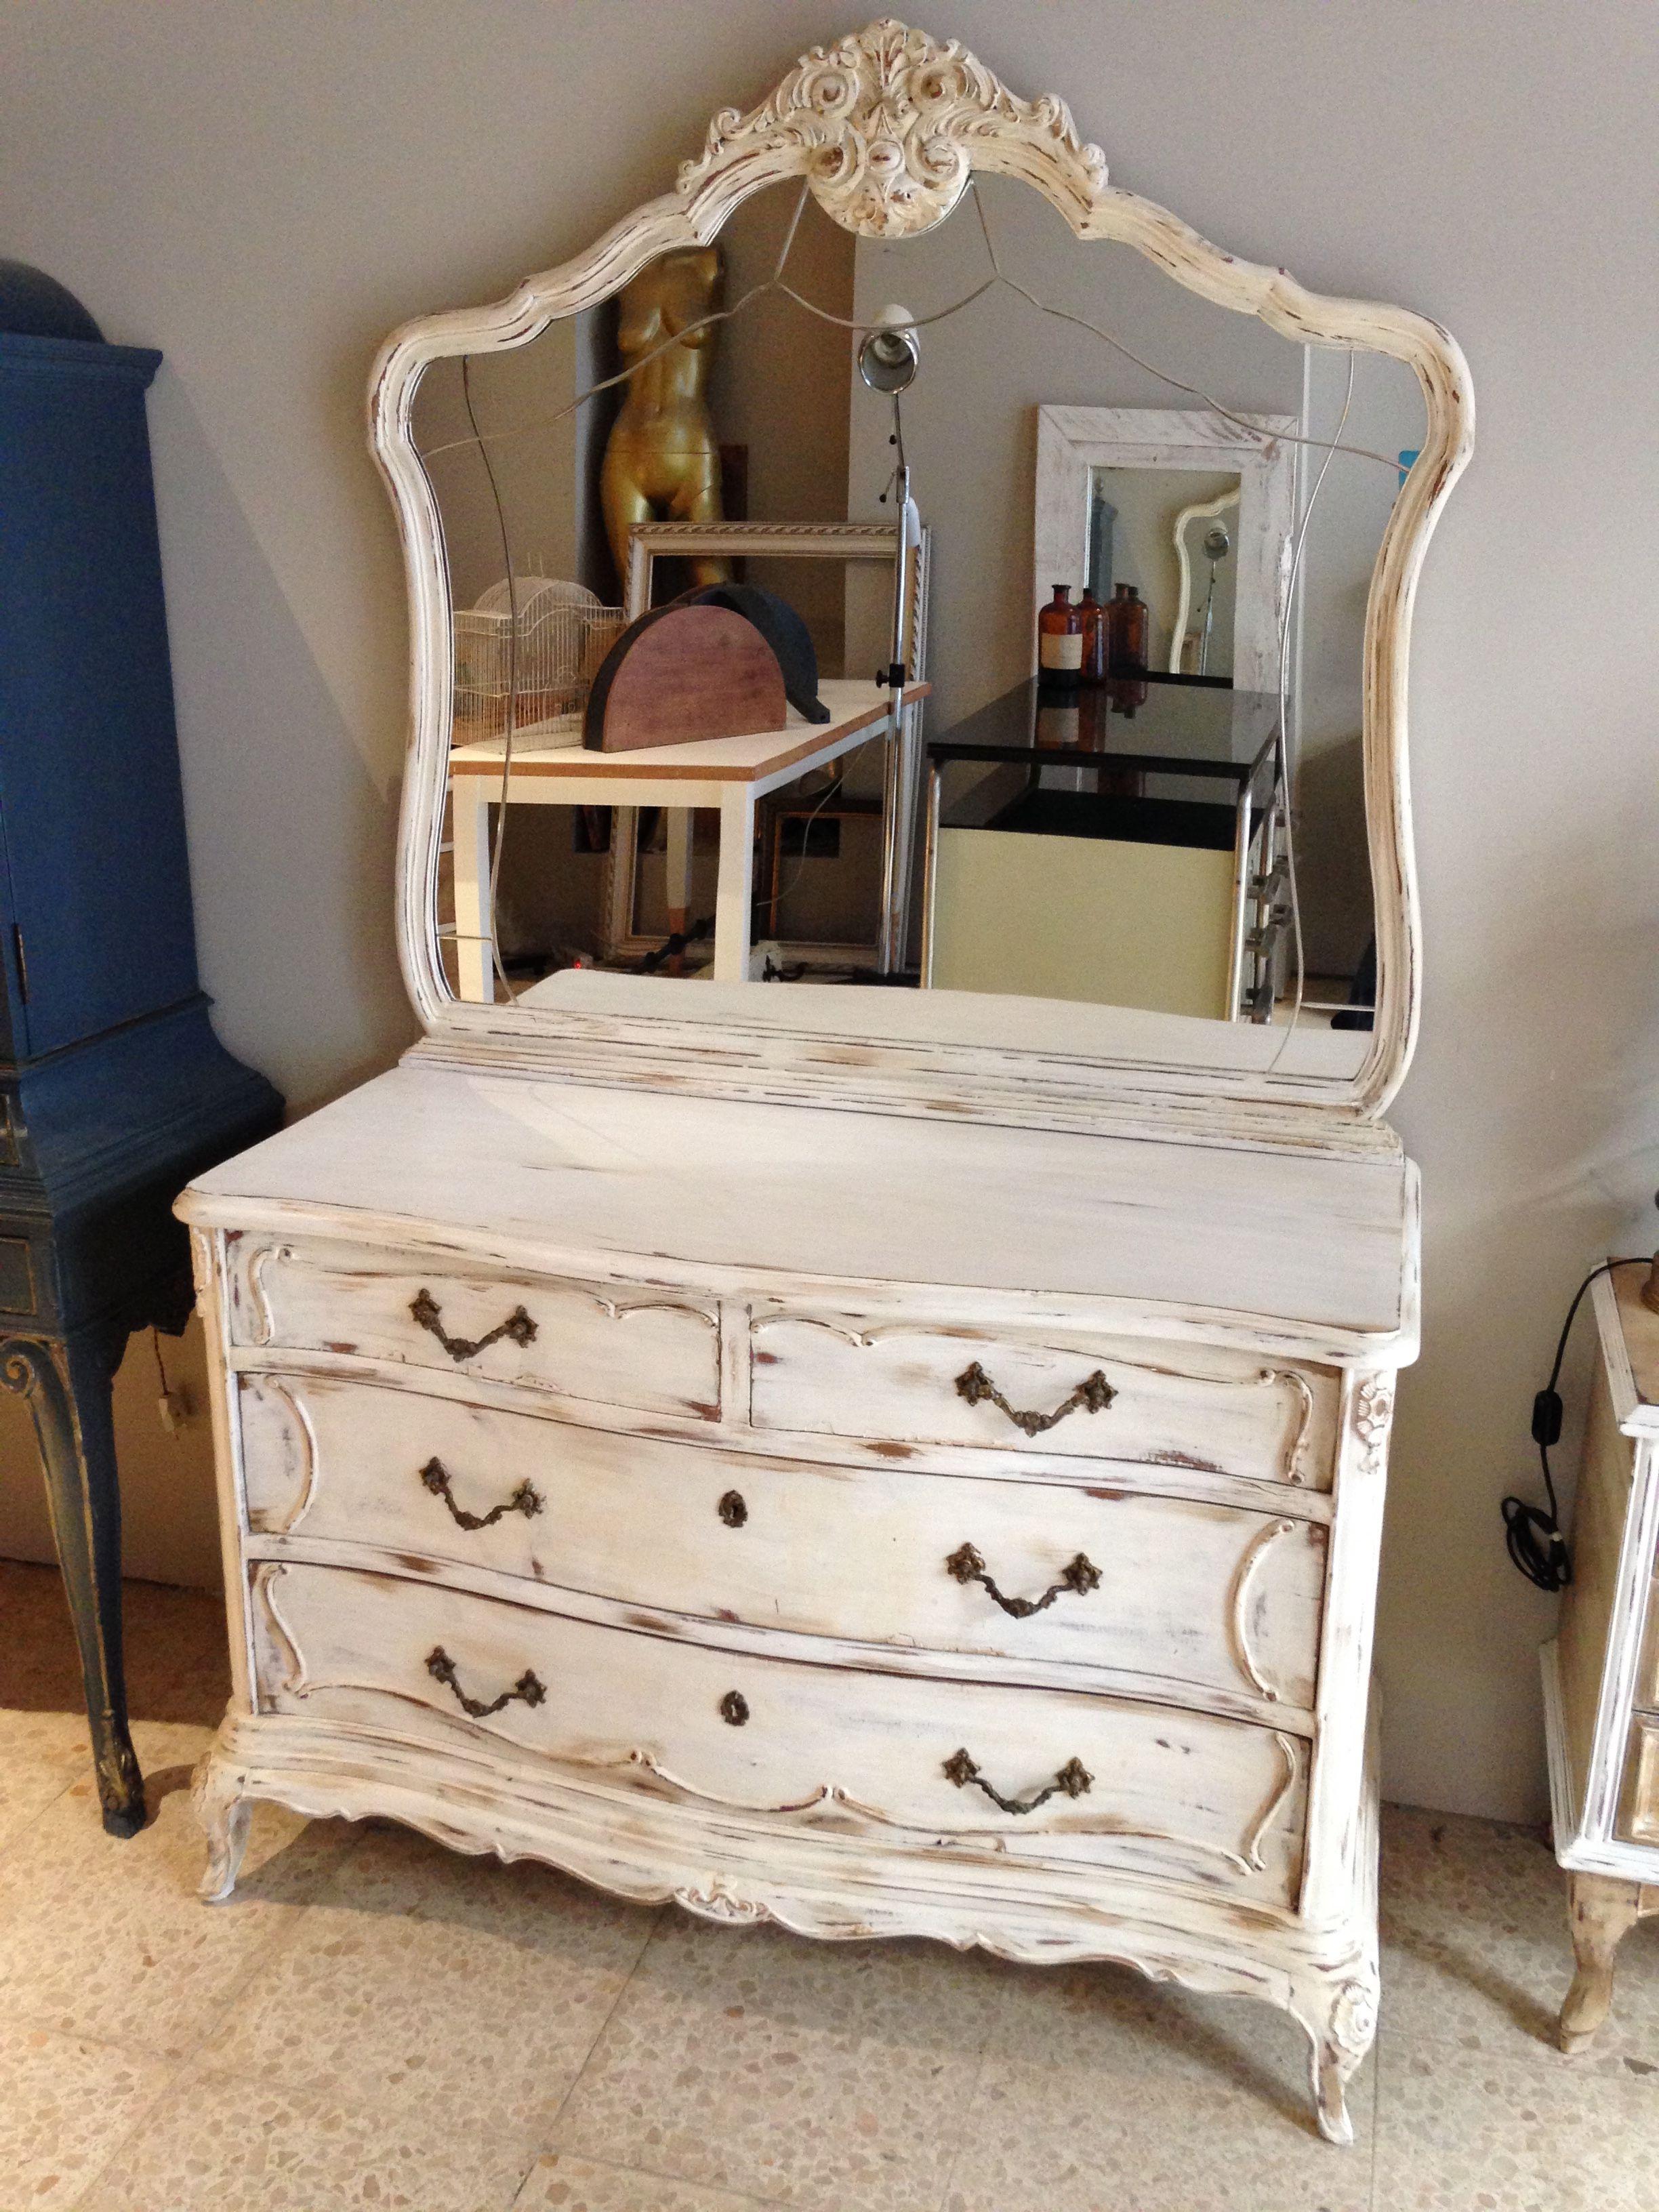 Comoda vintage armarios p pintar muebles vintage for Muebles antiguos reciclados